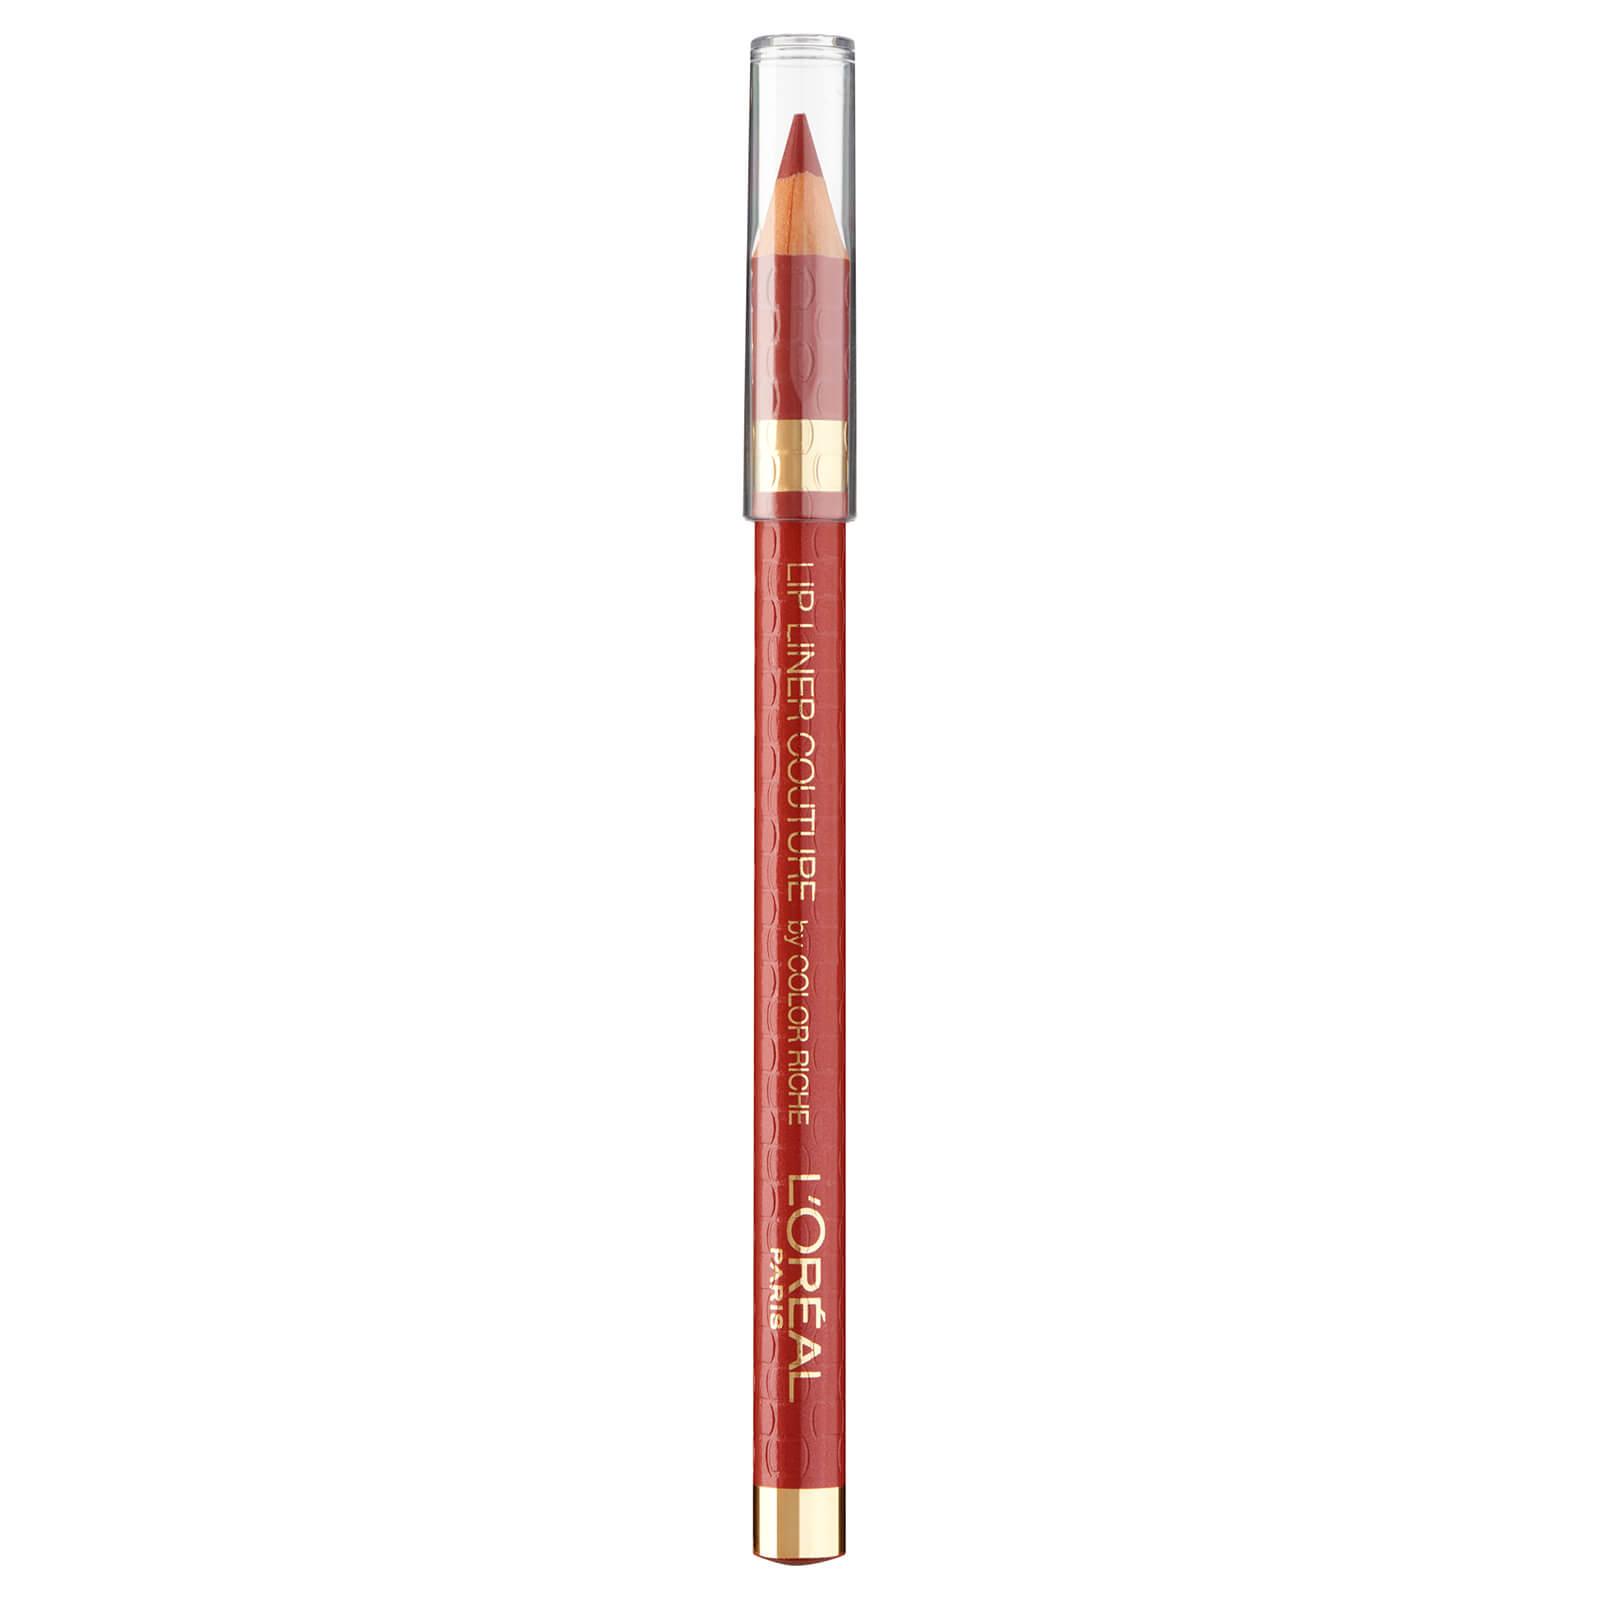 L'Oréal Paris Colour Riche Lip Liner Couture 1.2g (Various Shades) - 0 108 Brun Cuivre